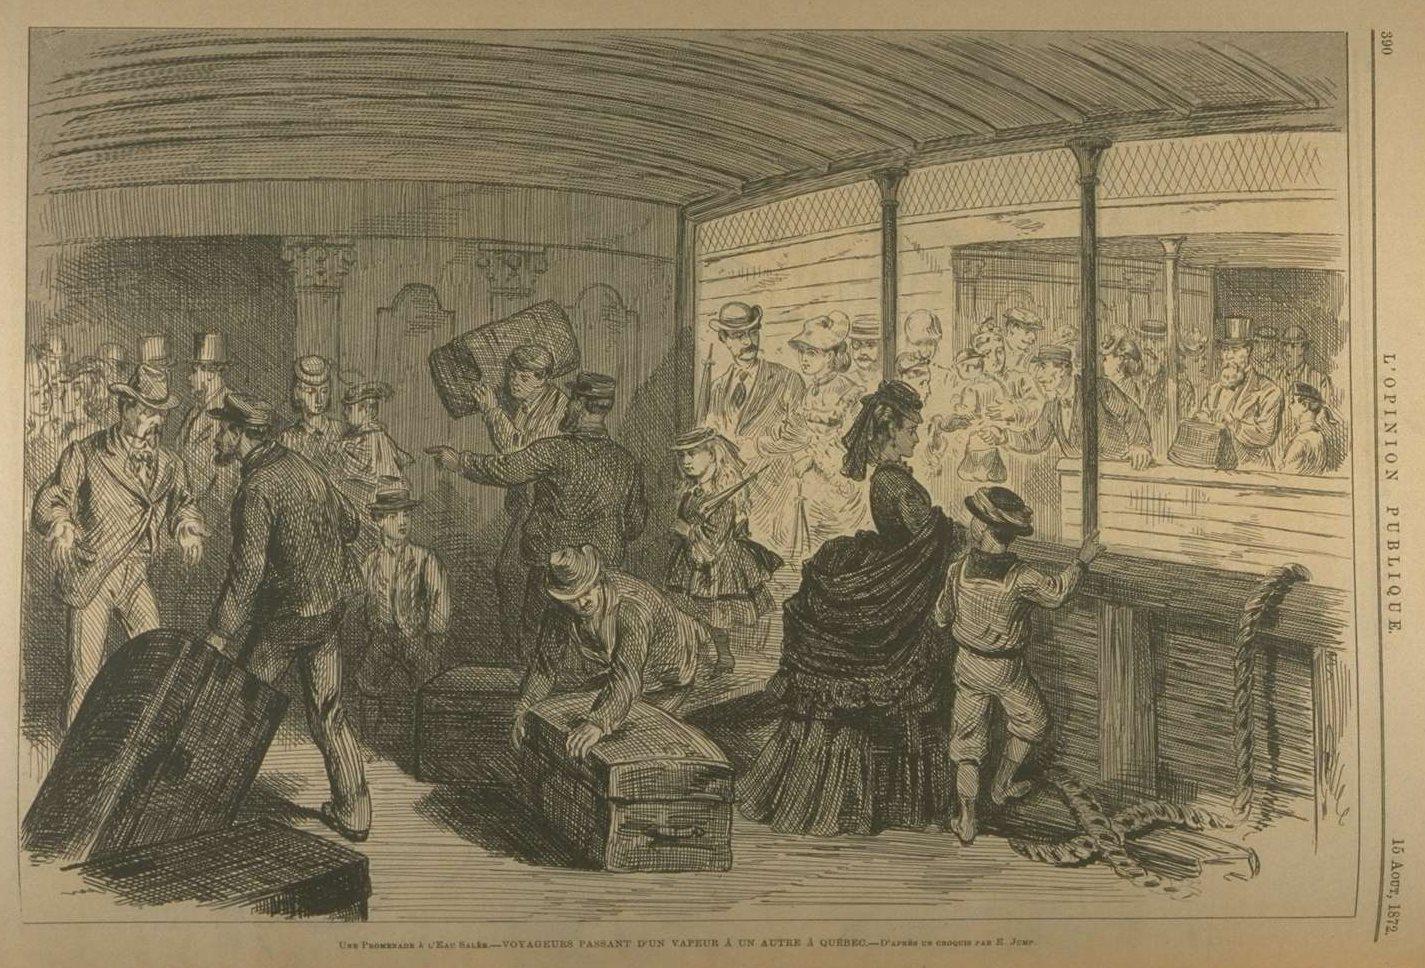 Gravure représentant le pont d'un navire où des employés s'affairent à déplacer des malles, tandis que des passagers arrivent.